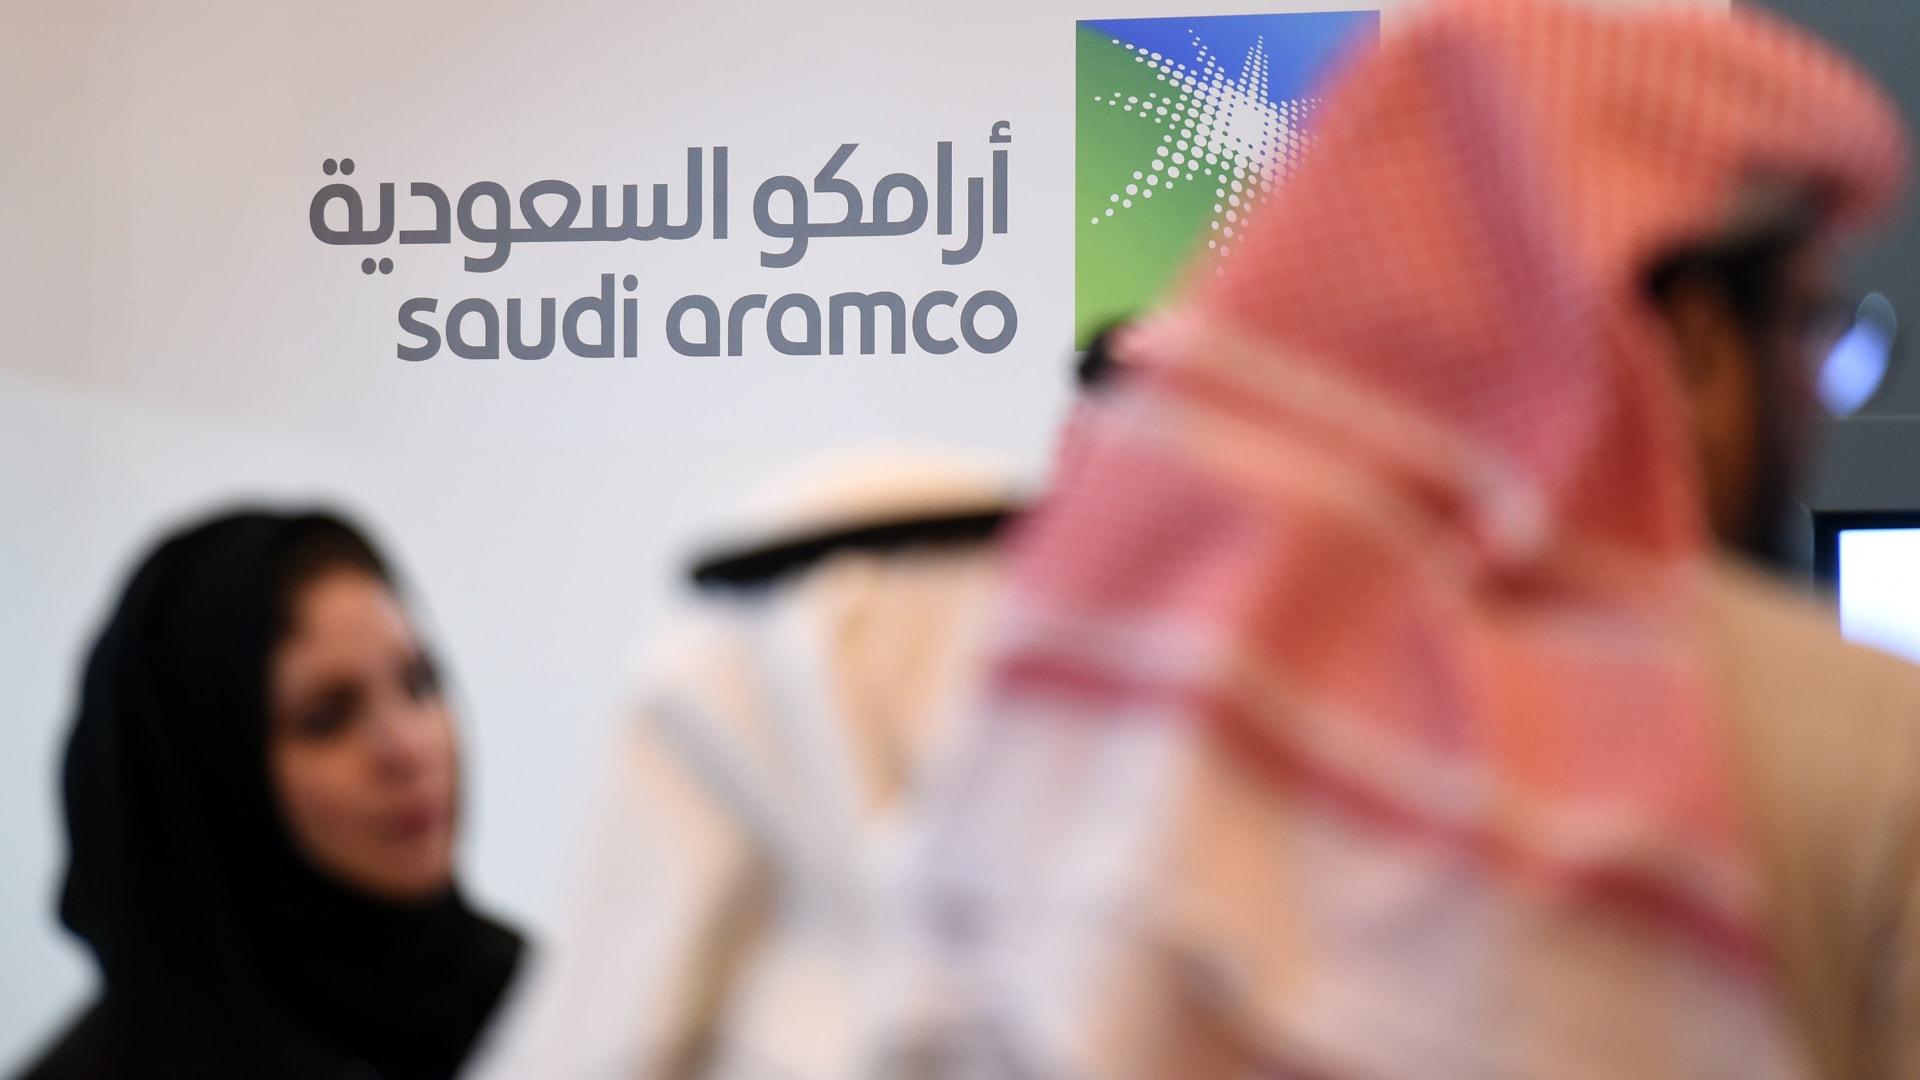 """""""أرامكو"""" السعودية تعلن بدء طرح صكوك بالدولار لأول مرة في تاريخها"""